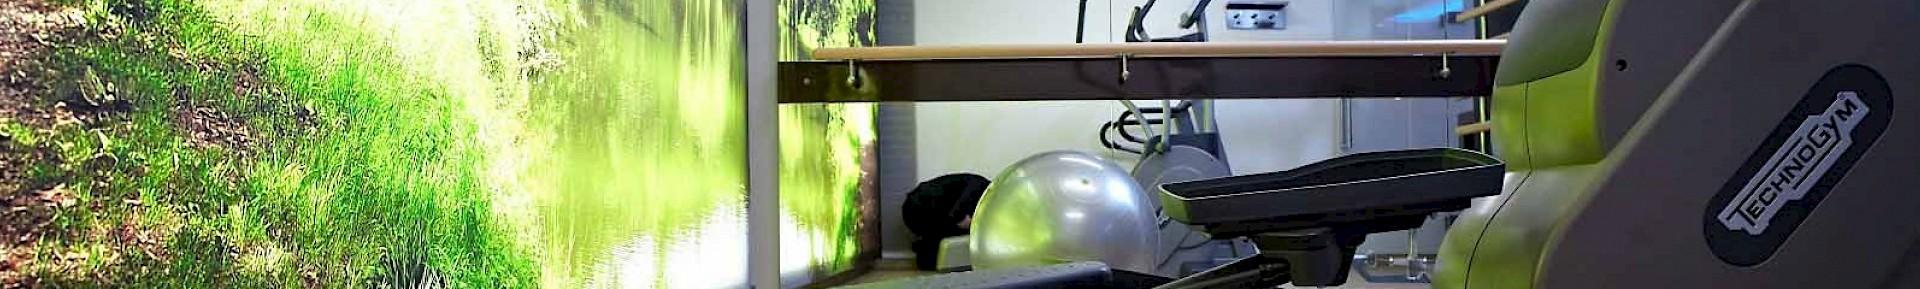 Der Fitnessraum im Kaiserhof bietet drei hochwertige Geräte